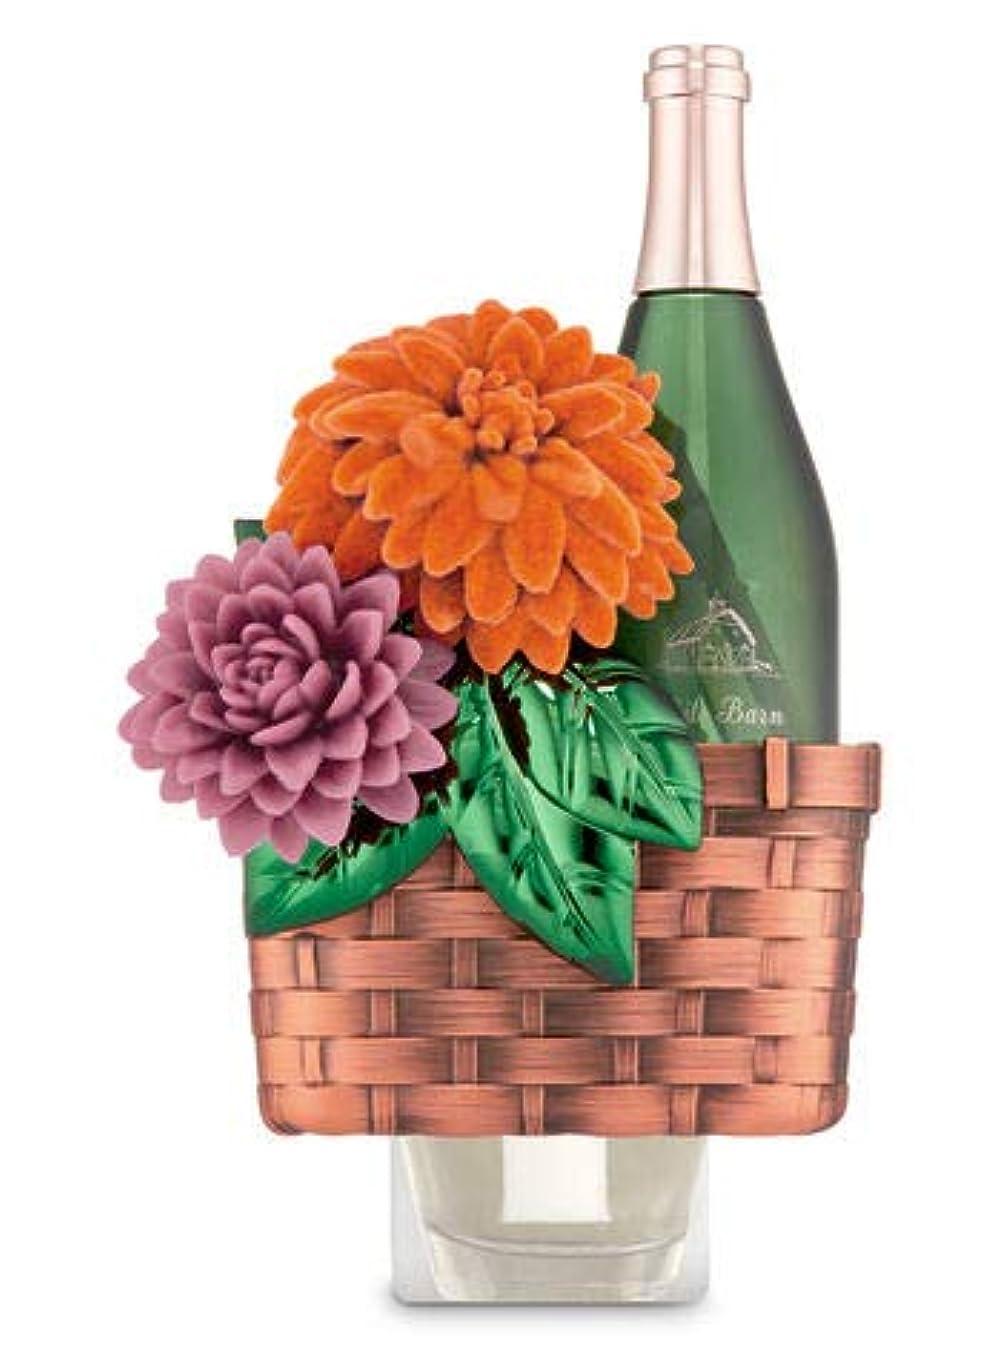 着実に取得ヘッジ【Bath&Body Works/バス&ボディワークス】 ルームフレグランス プラグインスターター (本体のみ) ワインバスケット Wallflowers Fragrance Plug Wine Basket [並行輸入品]